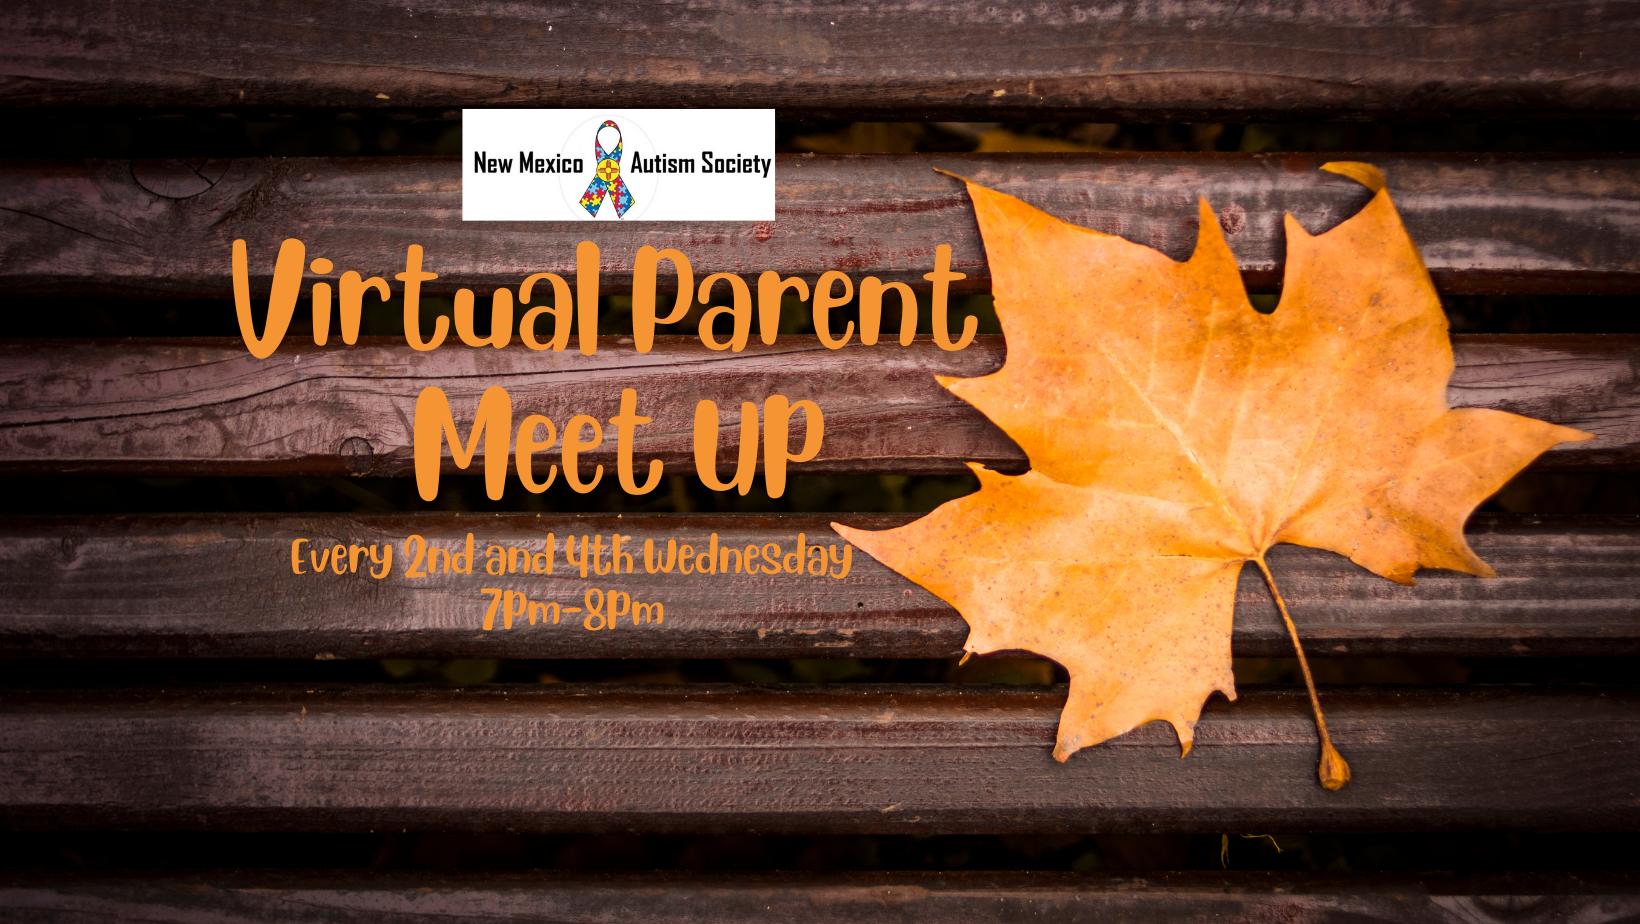 Virtual Parent Meet Up Image